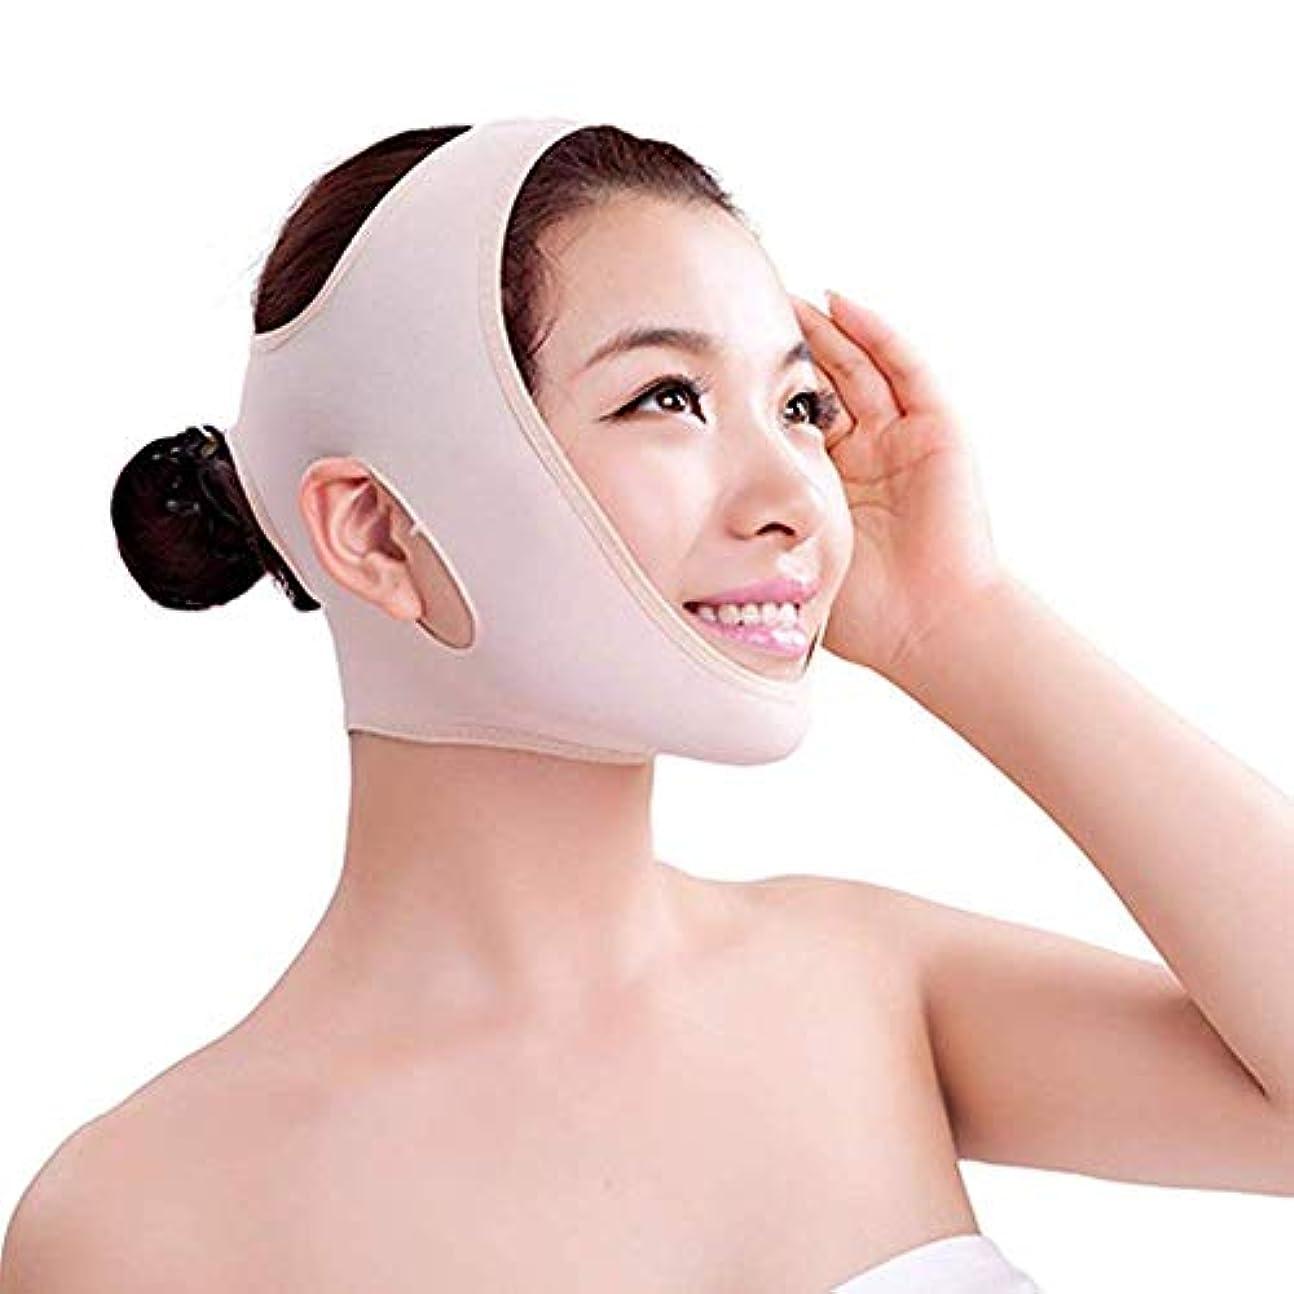 バケツ邪悪な死WSJTT フェイススリミングマスク、ベルトを持ち上げるインフレータブル顔、自然なVフェイスチークチンは減量包帯チン包帯を削除するために二重あご、タイトなバンドリフティング (Size : XL)